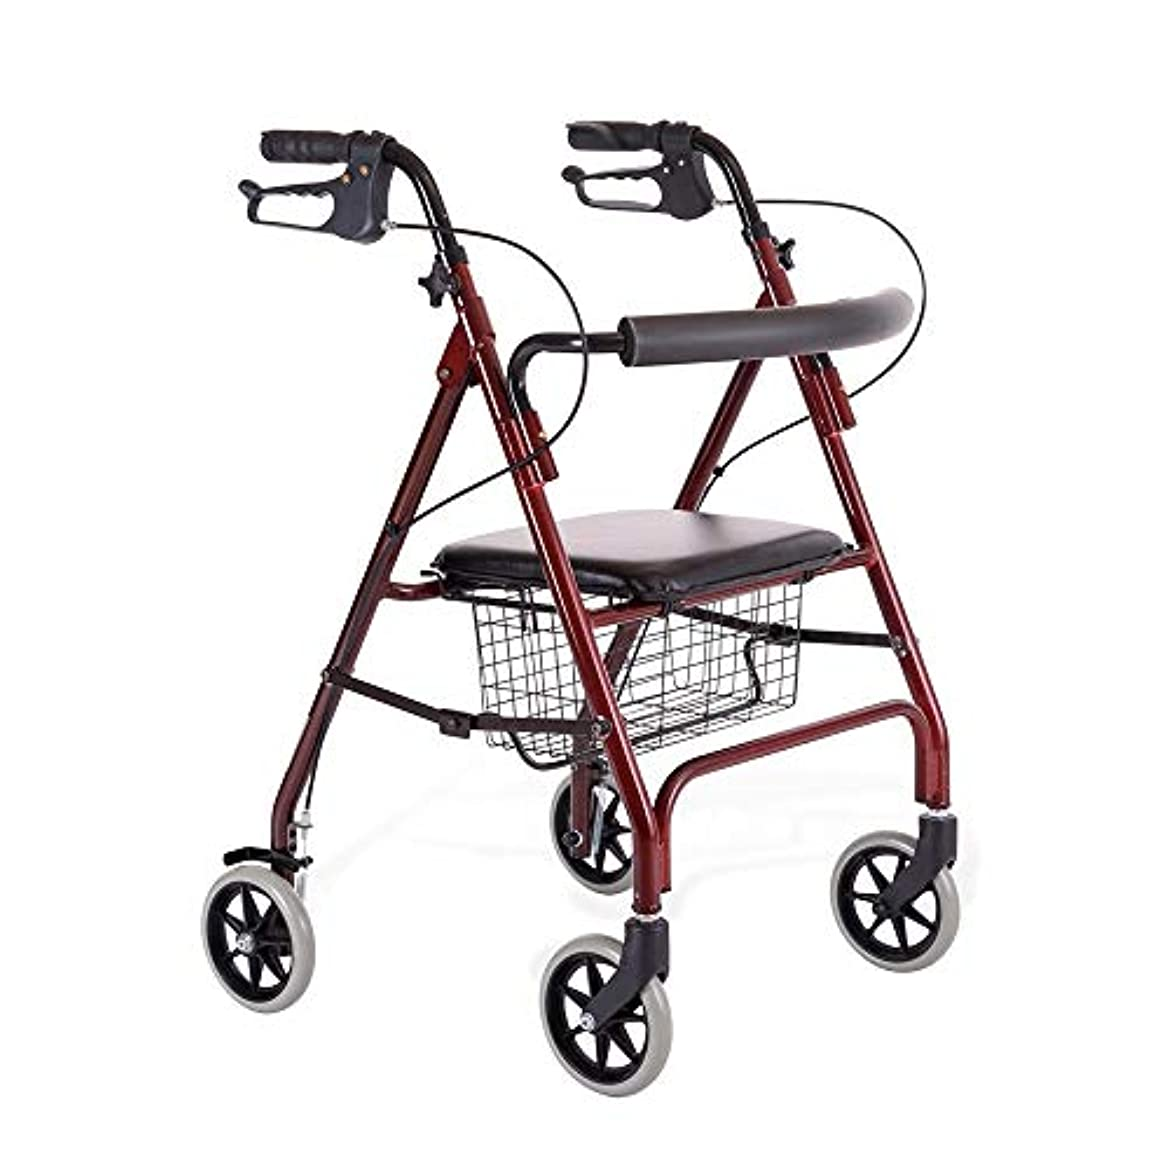 バイオレットオゾン換気シートと買い物かご付き軽量折りたたみ式歩行歩行器、高さ調節可能、4車輪可動補助具